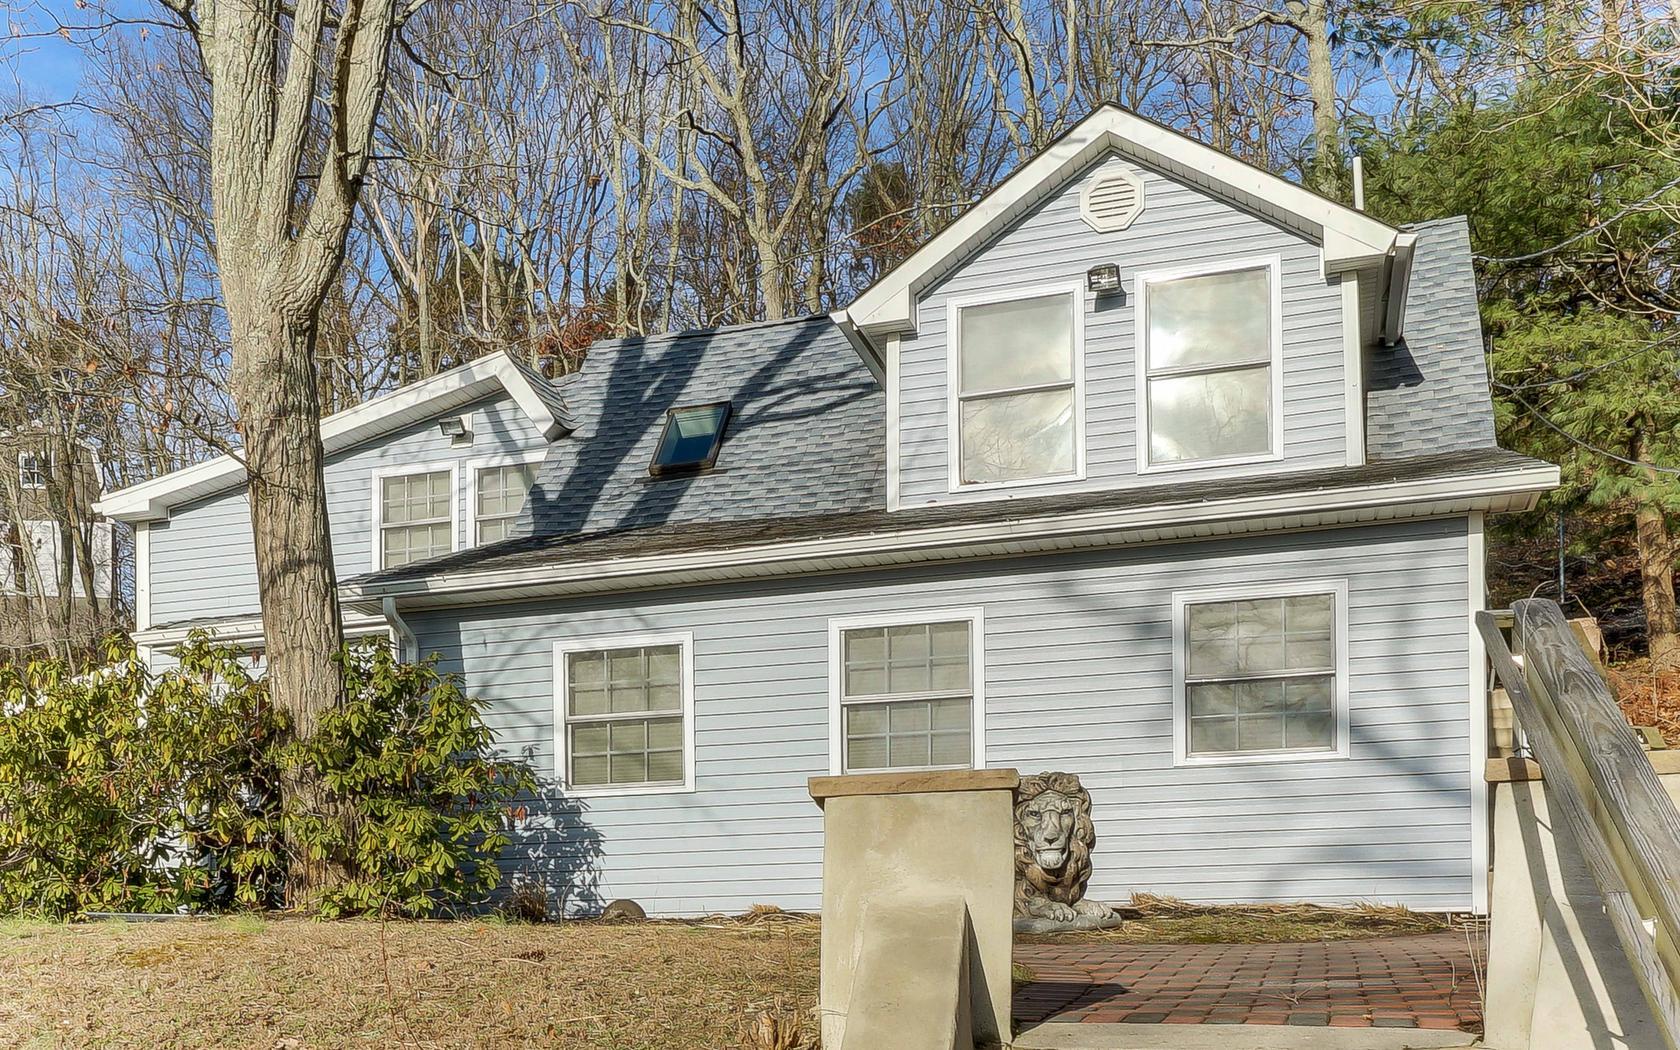 Casa Unifamiliar por un Venta en Shark River Hills Home 230 Hillside Drive Neptune, Nueva Jersey 07753 Estados Unidos